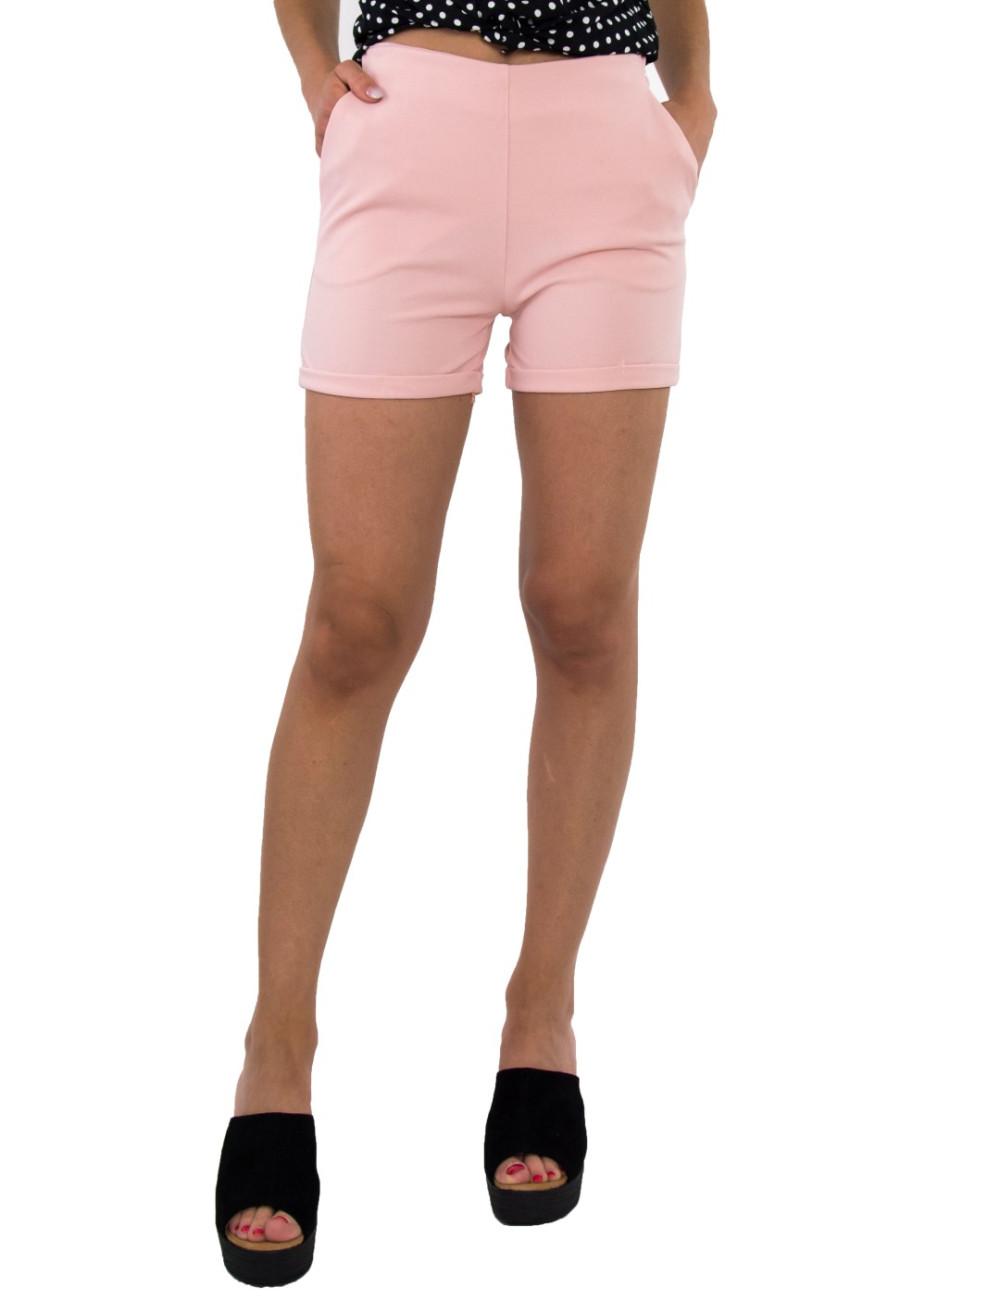 Γυναικείο ροζ υφασμάτινο σορτς με φερμουάρ 9177R